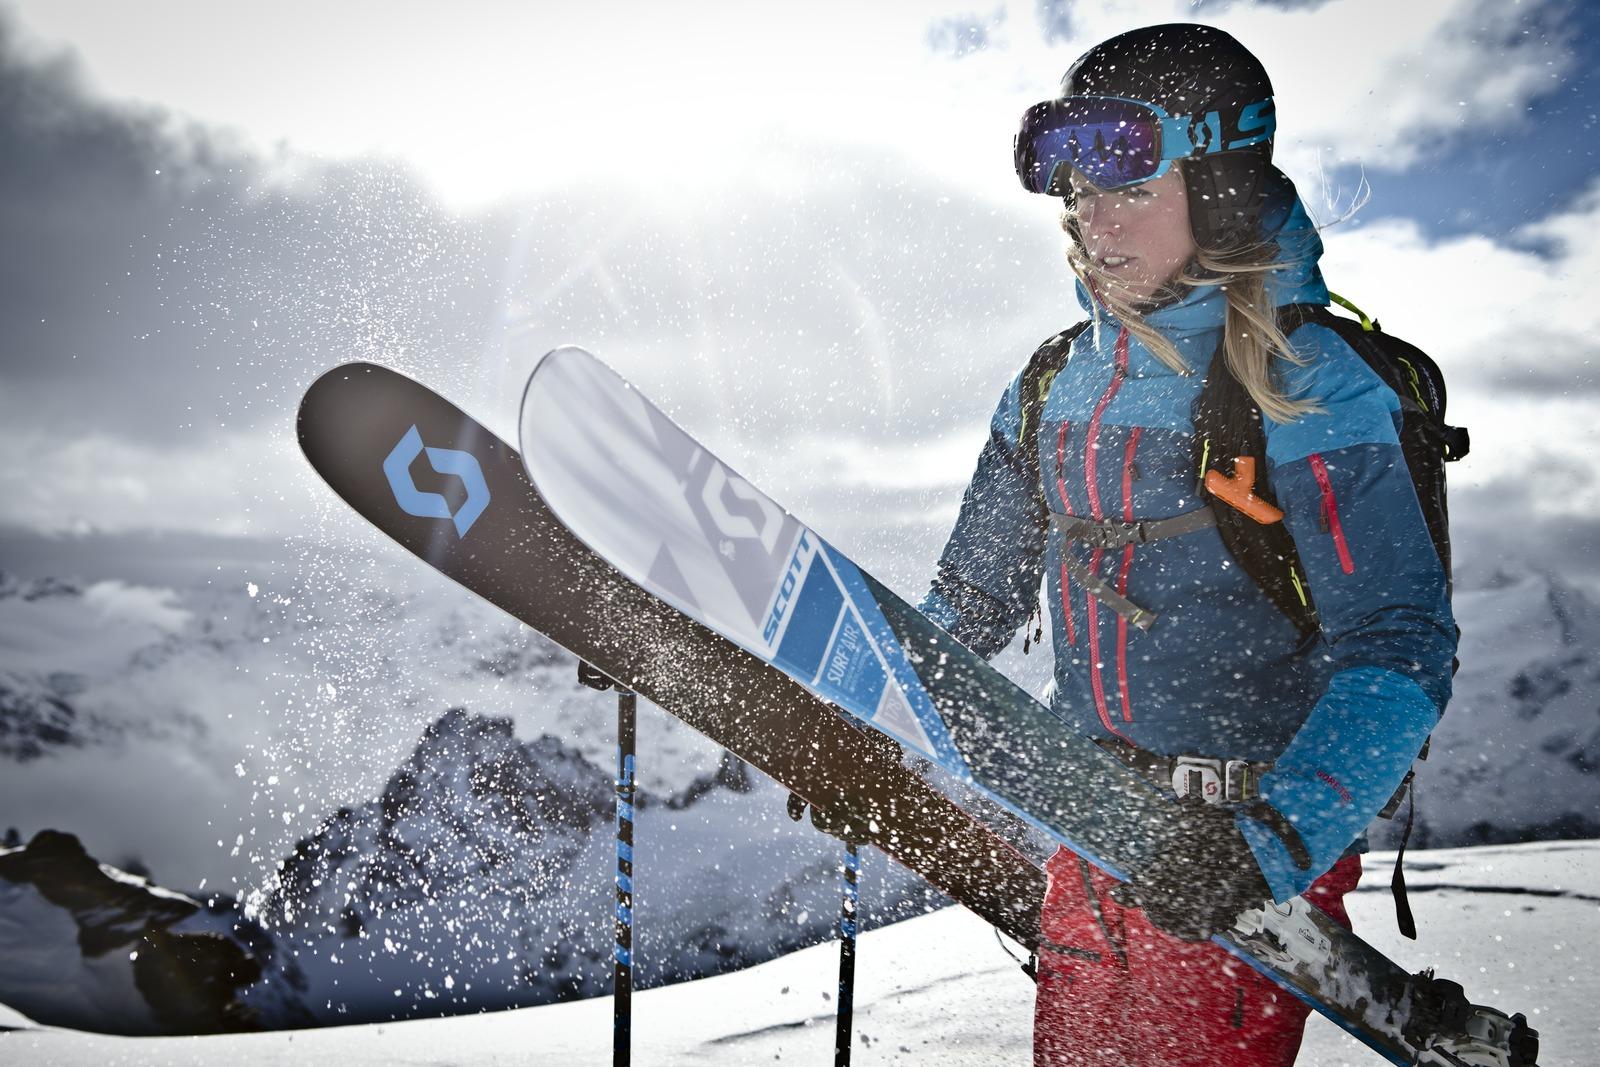 Sciatrice con sci scott a Livigno